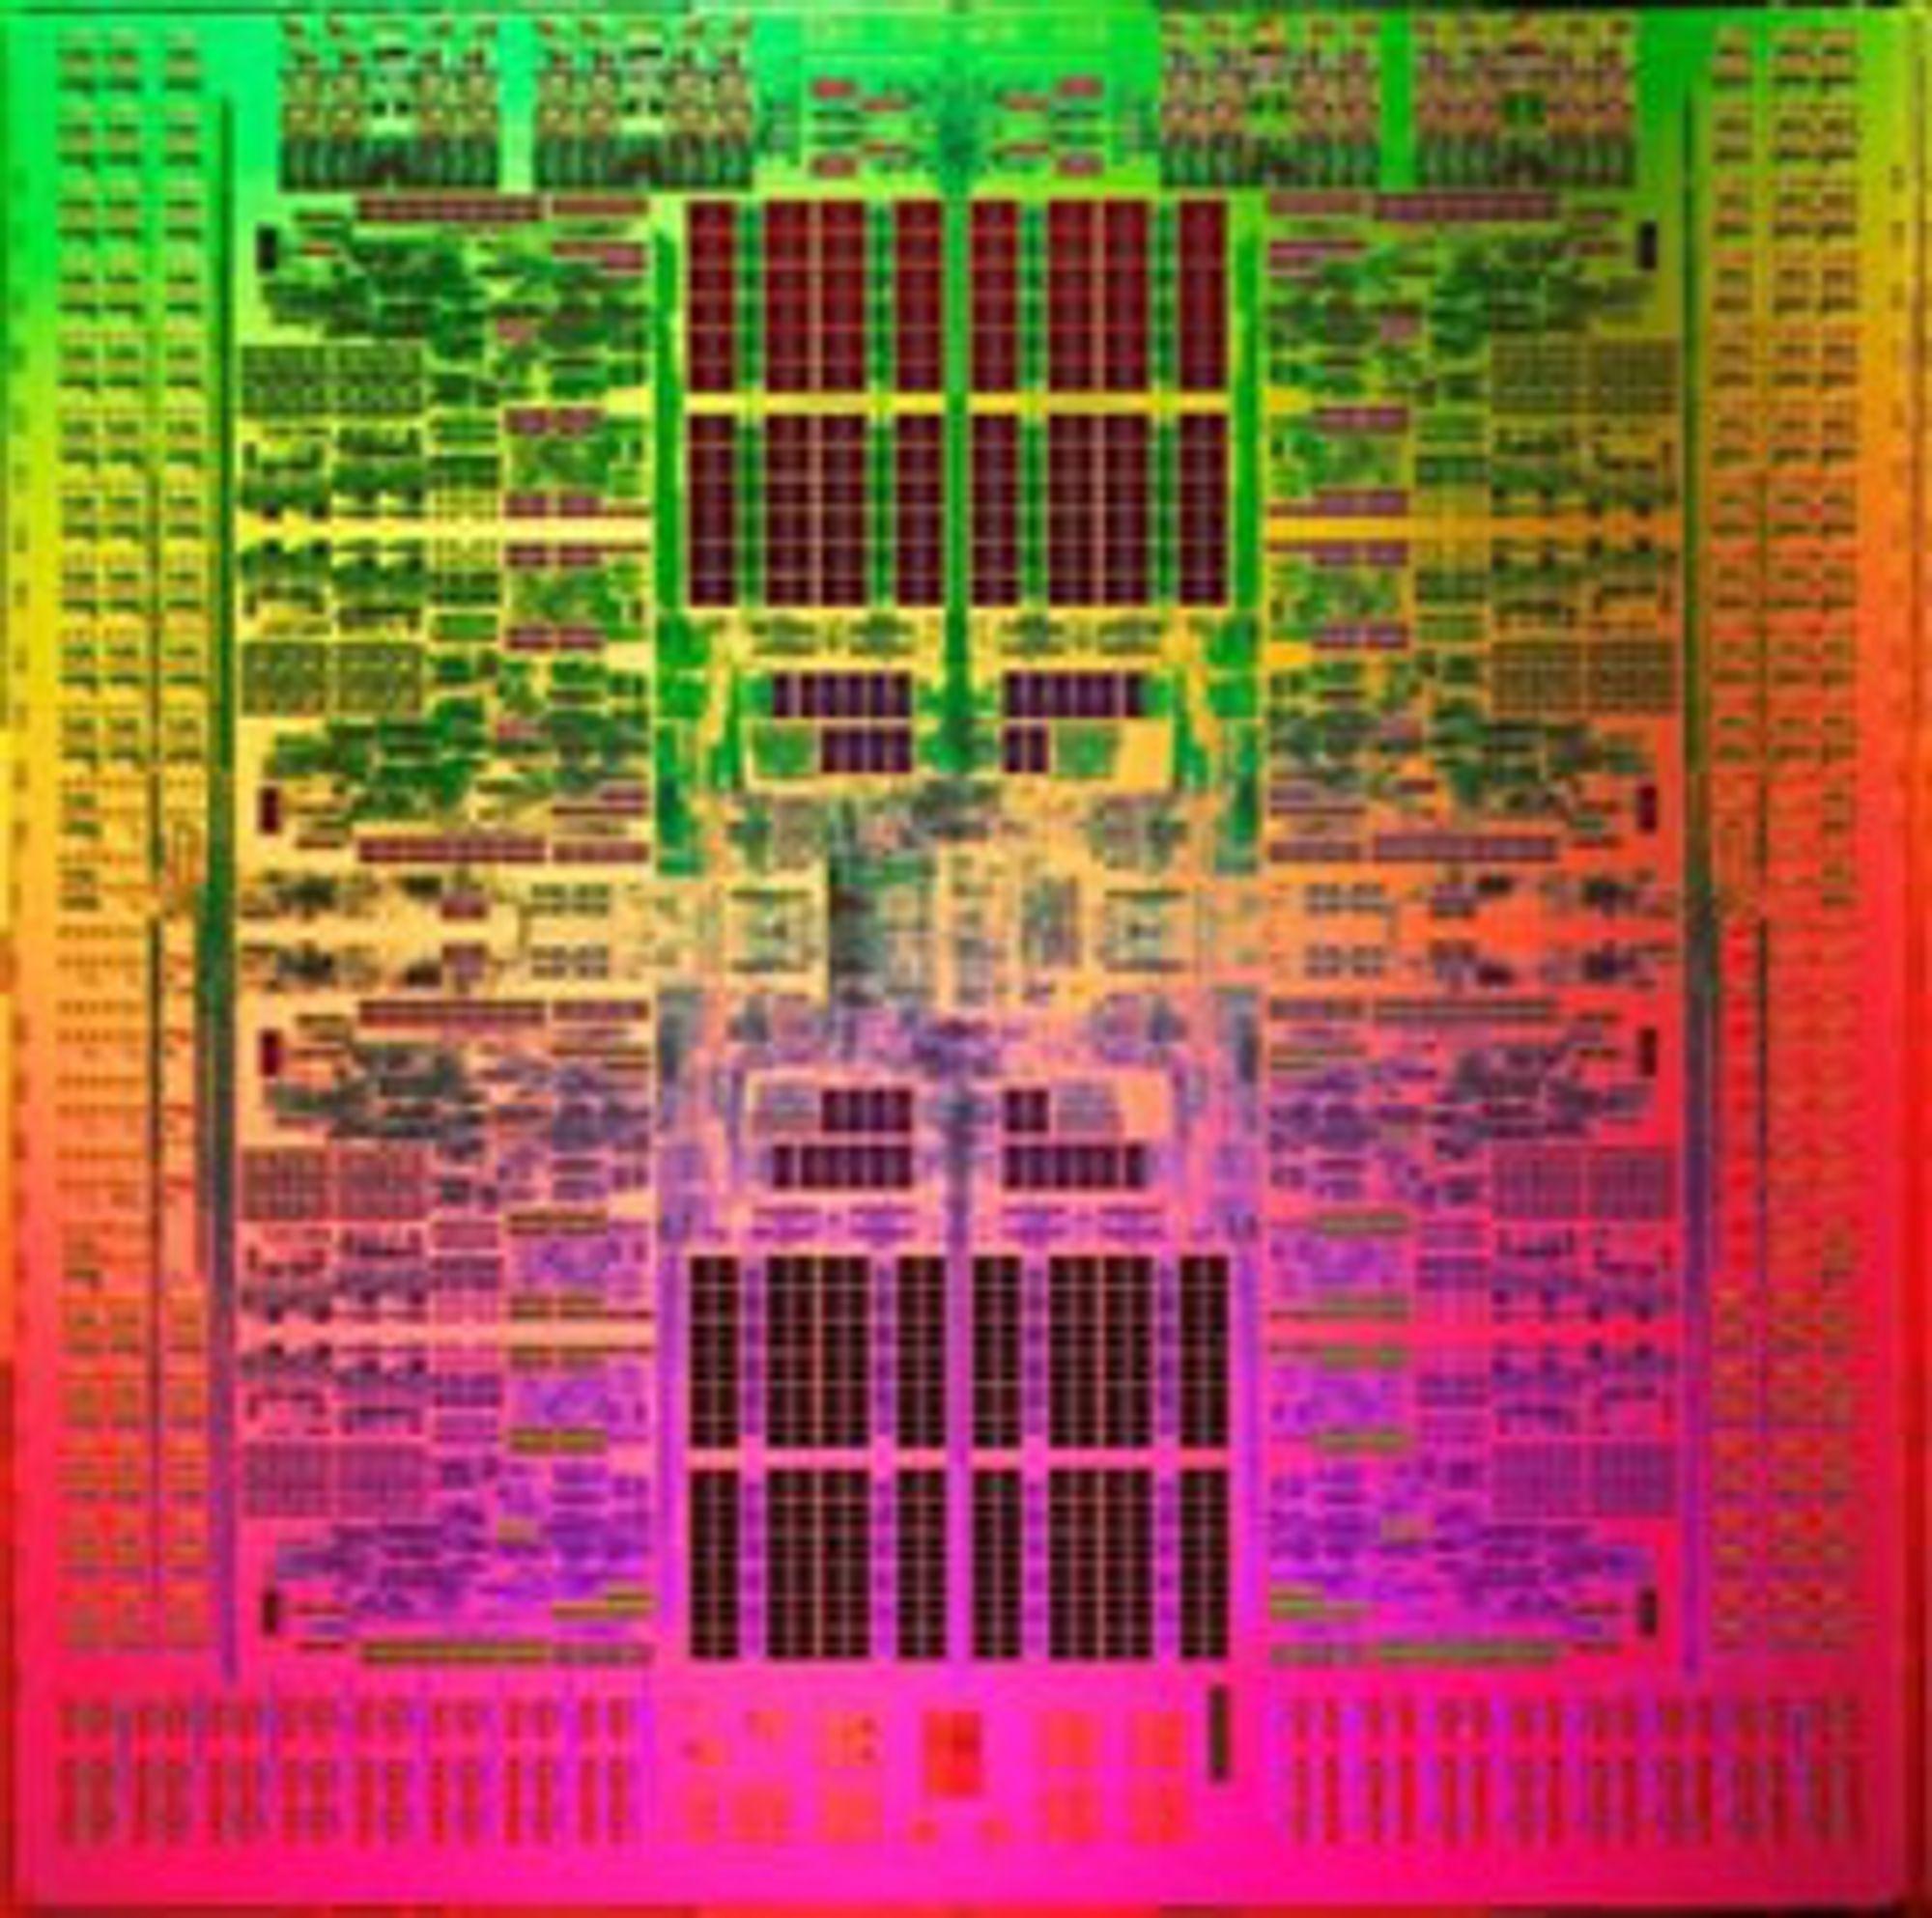 På dette spesialbehandlede bildet trer de åtte kjernene i Sparc 64 VIIIfx-prosessoren tydelig fram. K skal inneholde 80.000 prosessorer av denne typen.